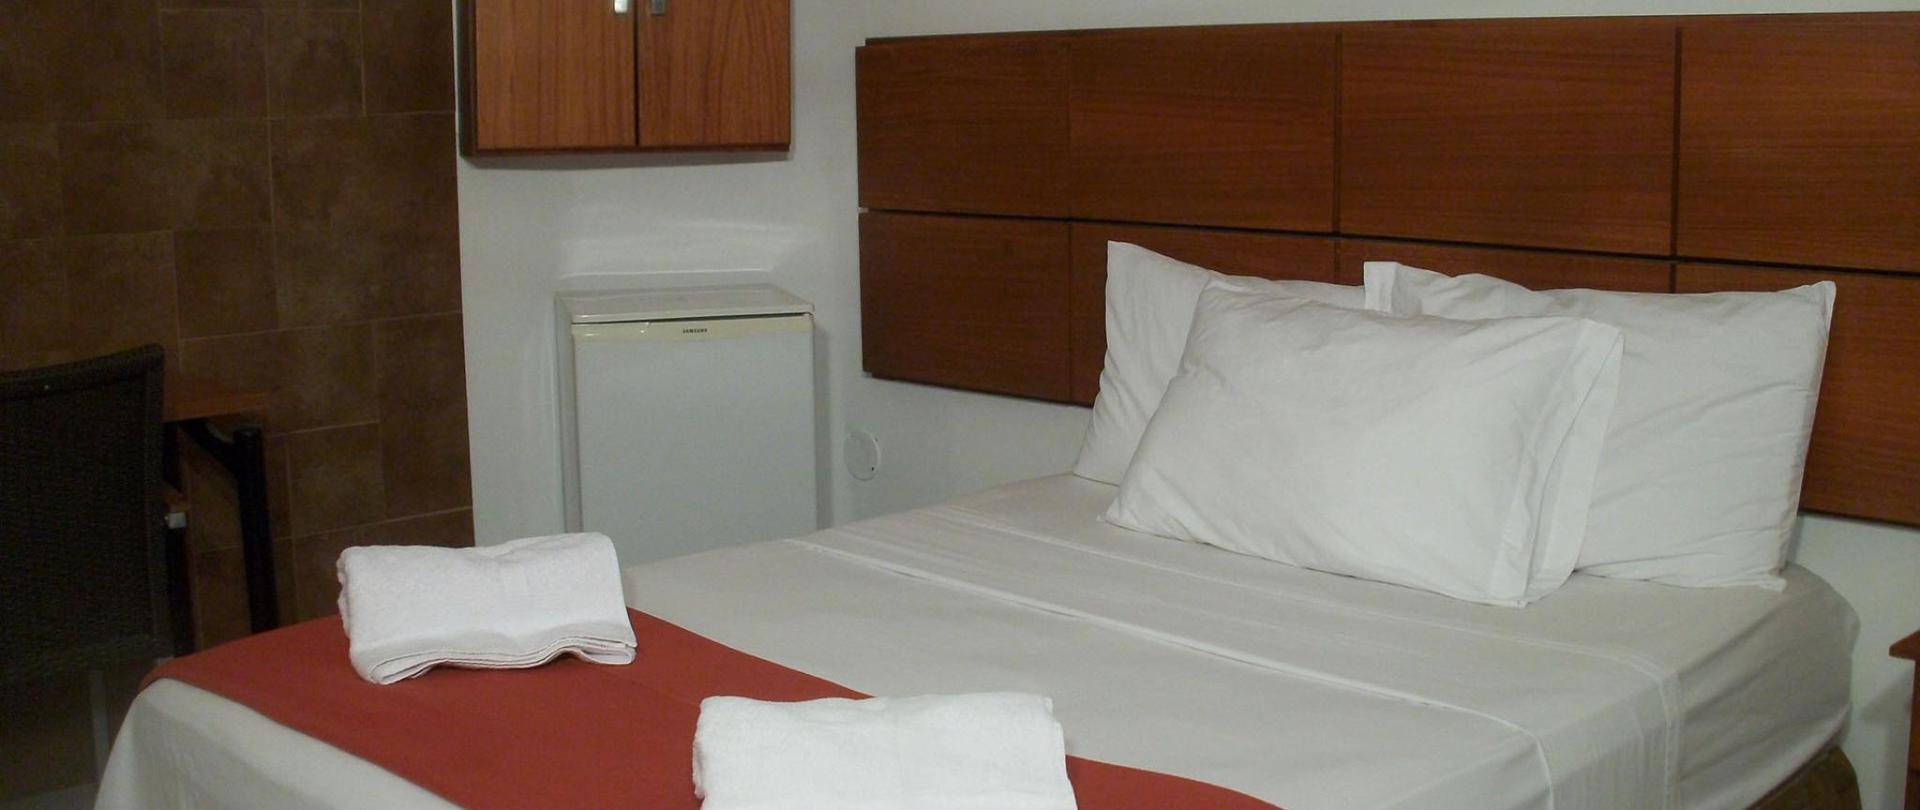 apart-suites-38.jpg